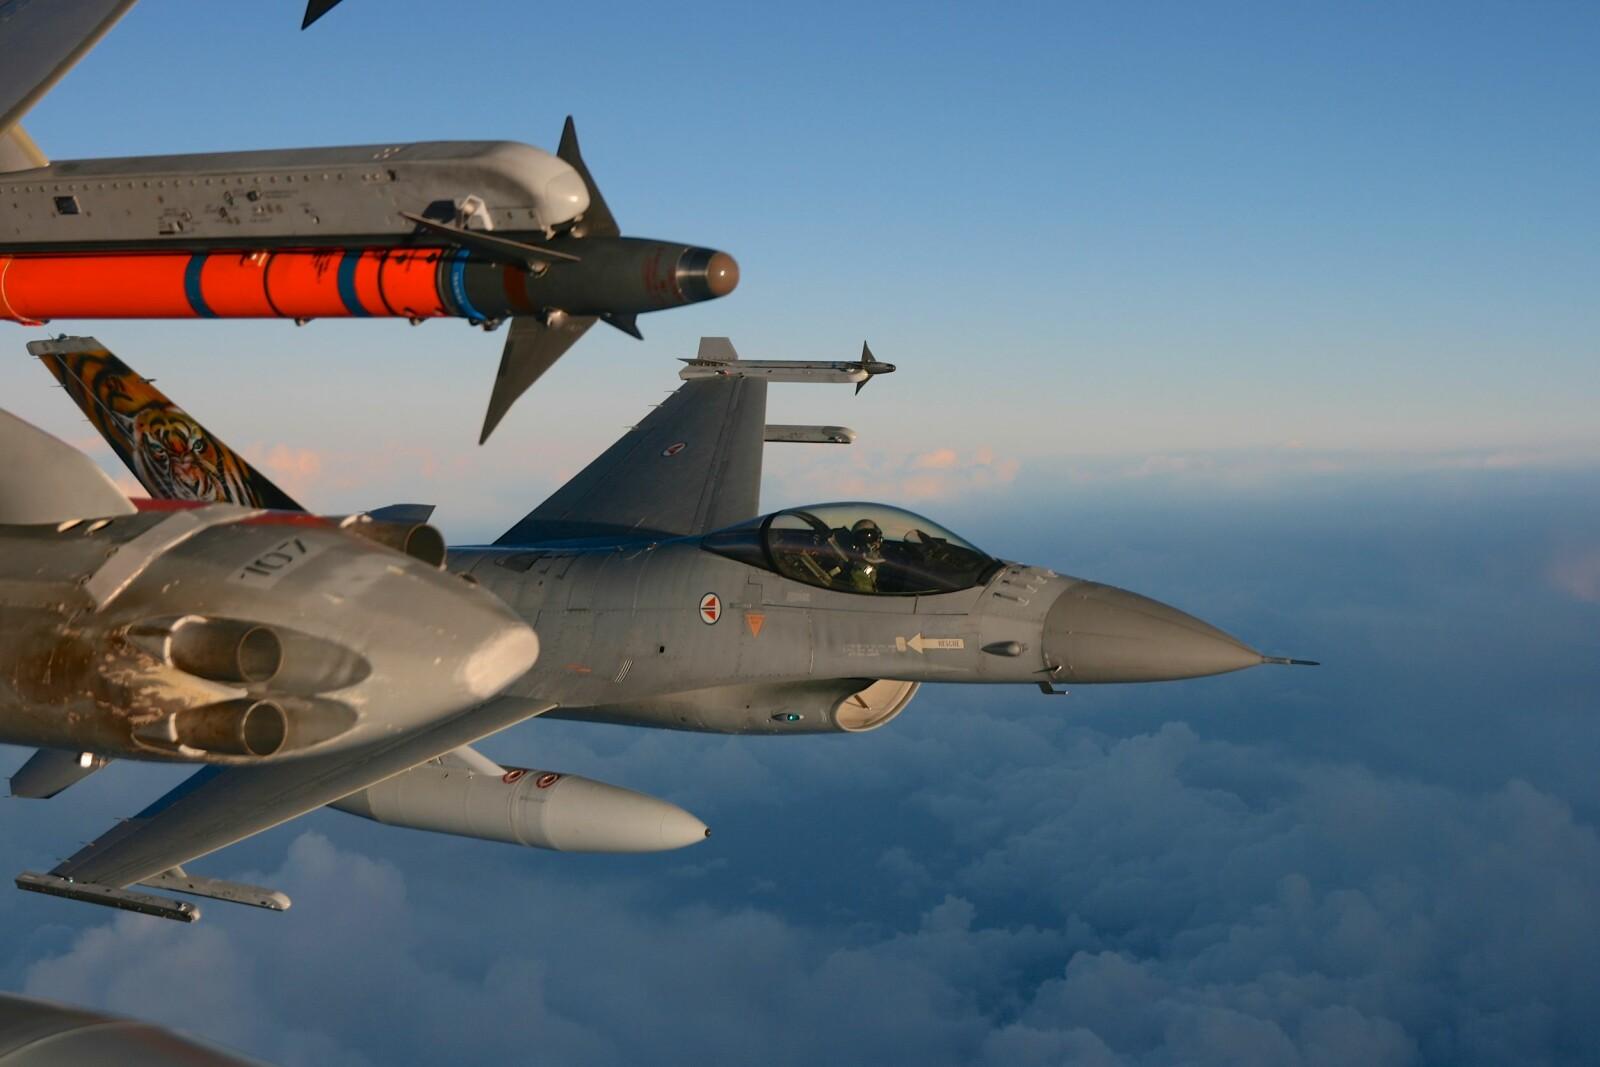 <b><SPAN CLASS=BOLD>SIKKER:</b></span> F-16 hadde dårlig ulykkesstatistikk på 1980-tallet. Siden 1989 har ingen omkommet i en F-16 selv om flyet har deltatt i tre væpnede konflikter.